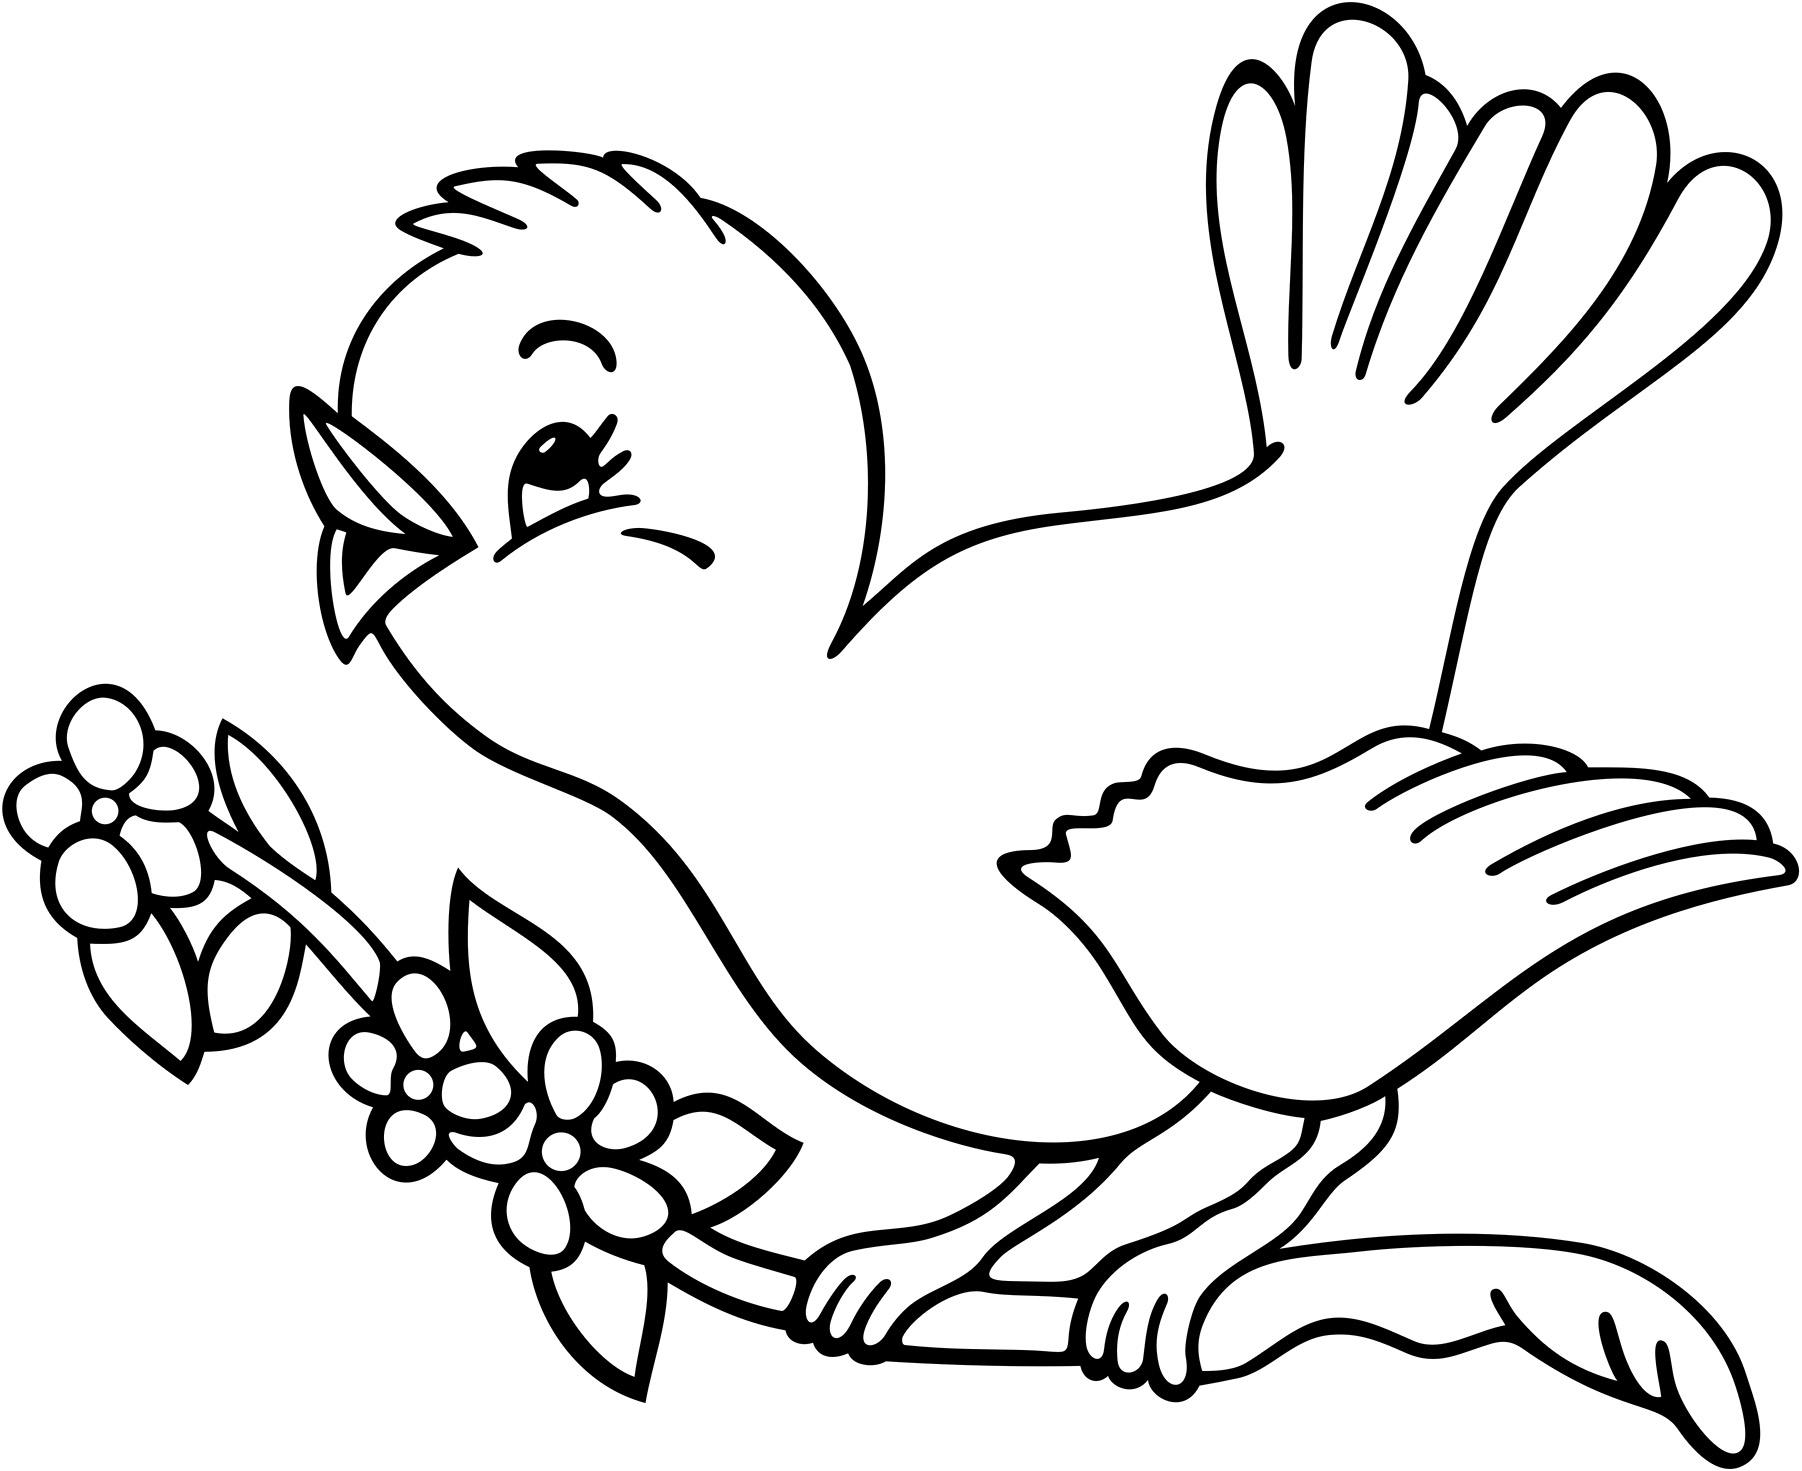 Coloriage Oiseau Sur Arbre.Coloriage Oiseau Sur Un Arbre A Imprimer